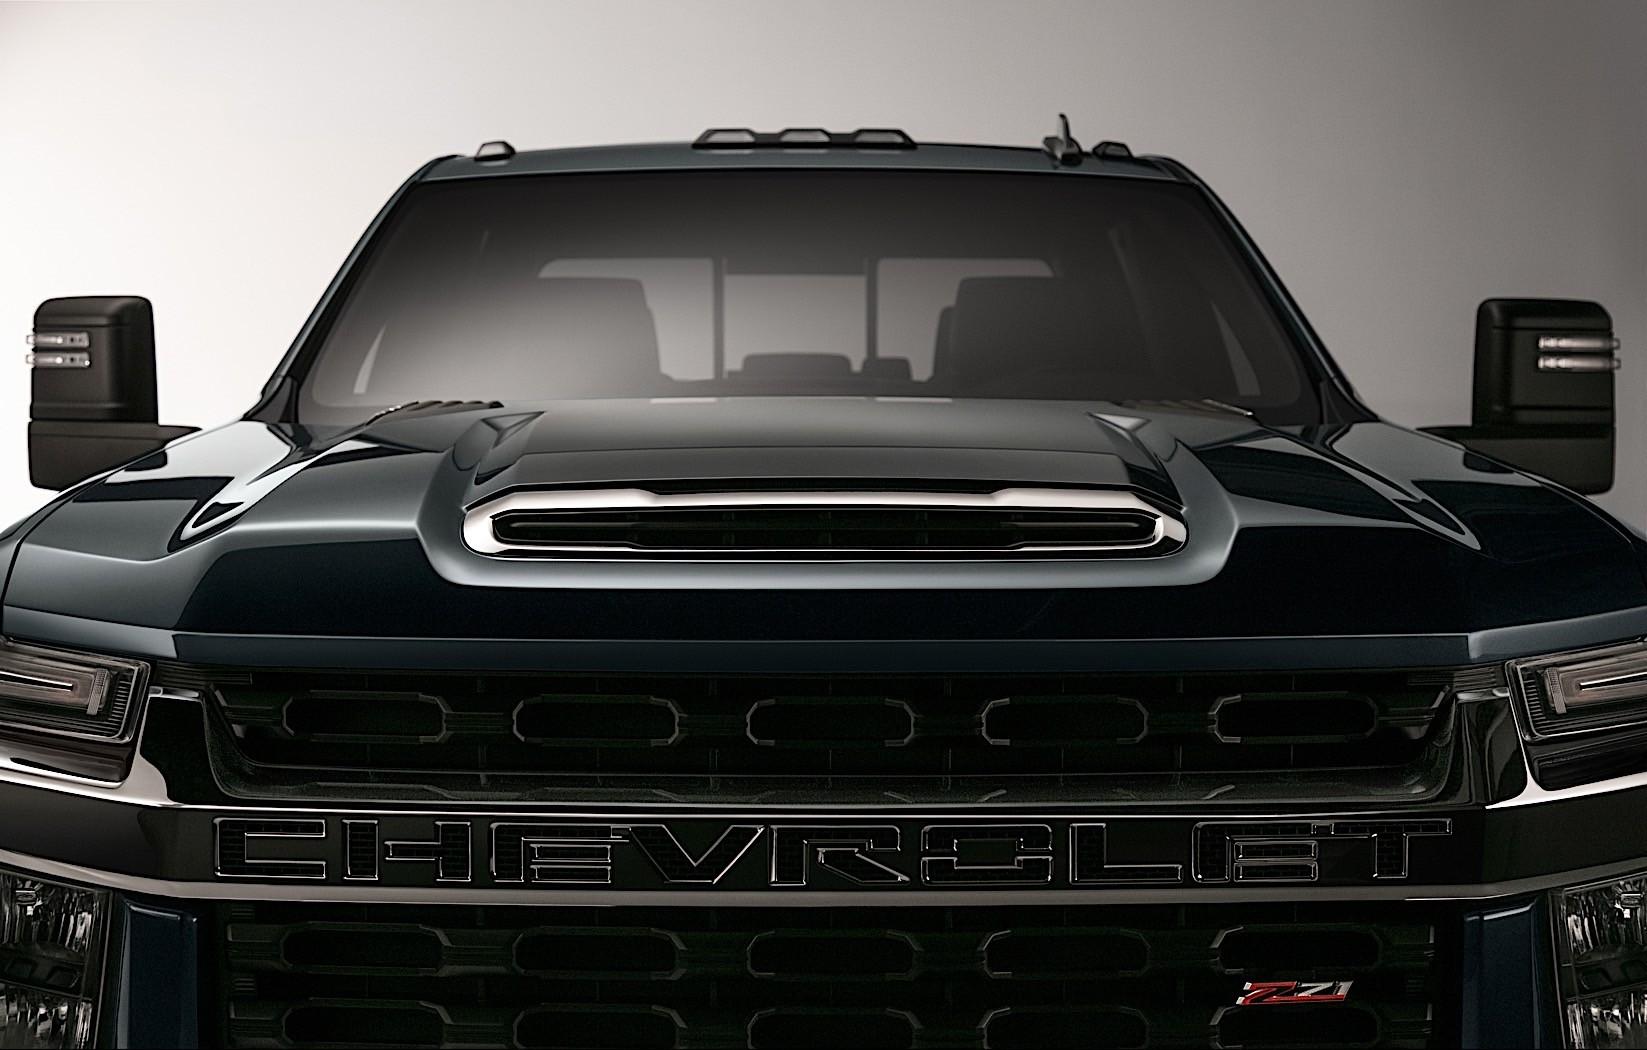 Chevrolet Silverado HD 2019 (5)